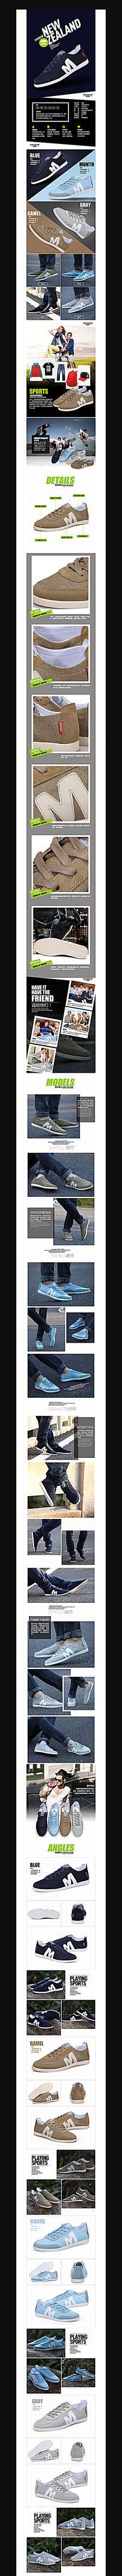 淘宝男士运动鞋详情页细节PSD素材